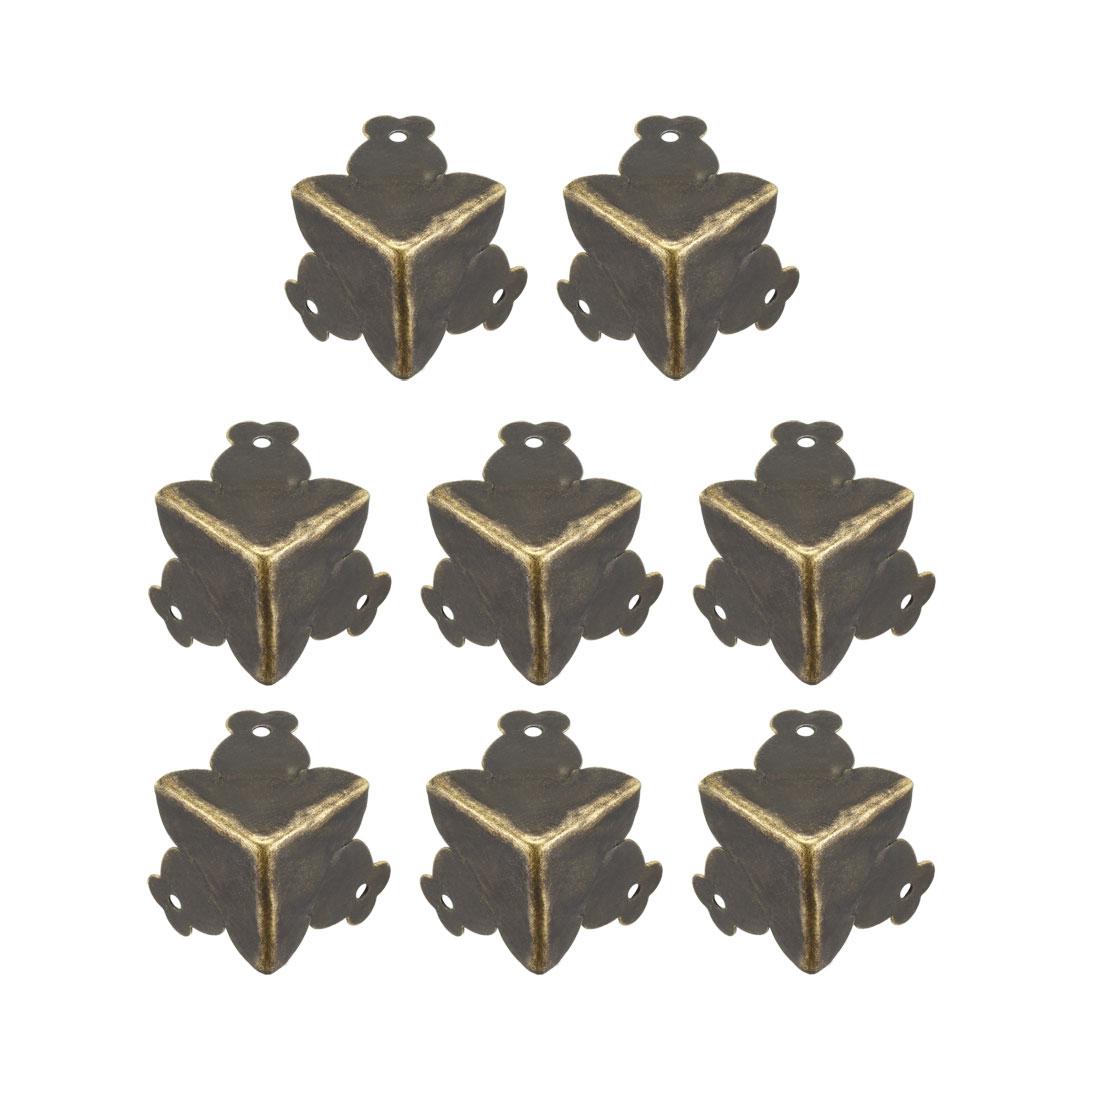 Metal Box Corner Protectors Edge Protector 33mm x 33mm x 33mm Bronze Tone 8pcs